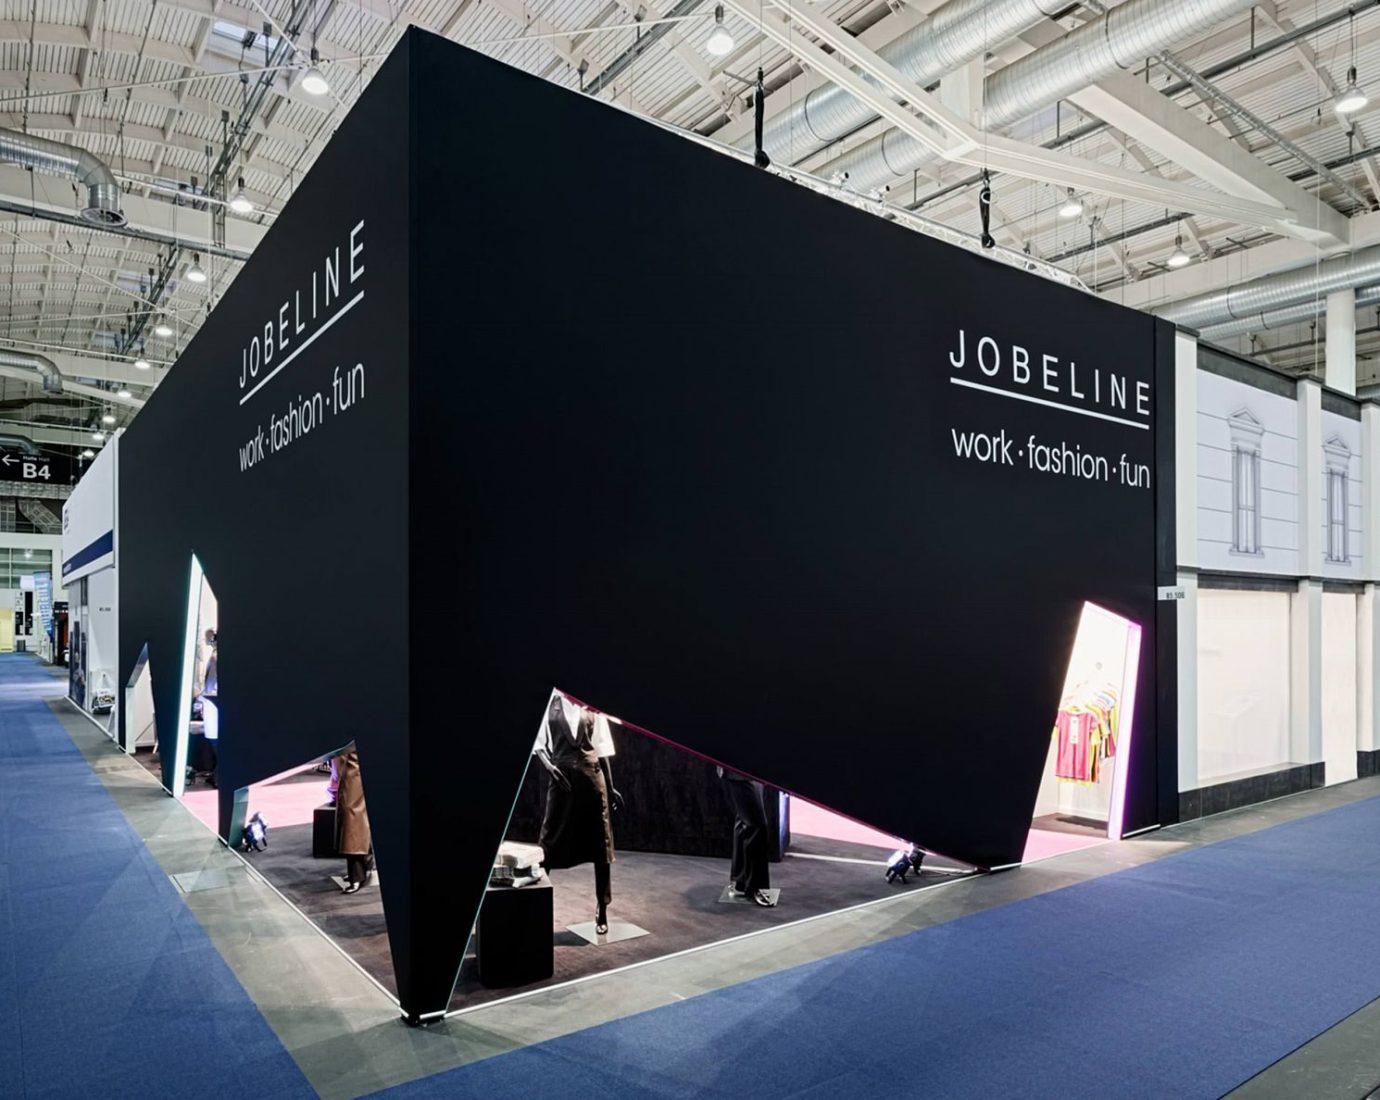 Messestand für Jobeline in schwarz mit besonderen Designelementen